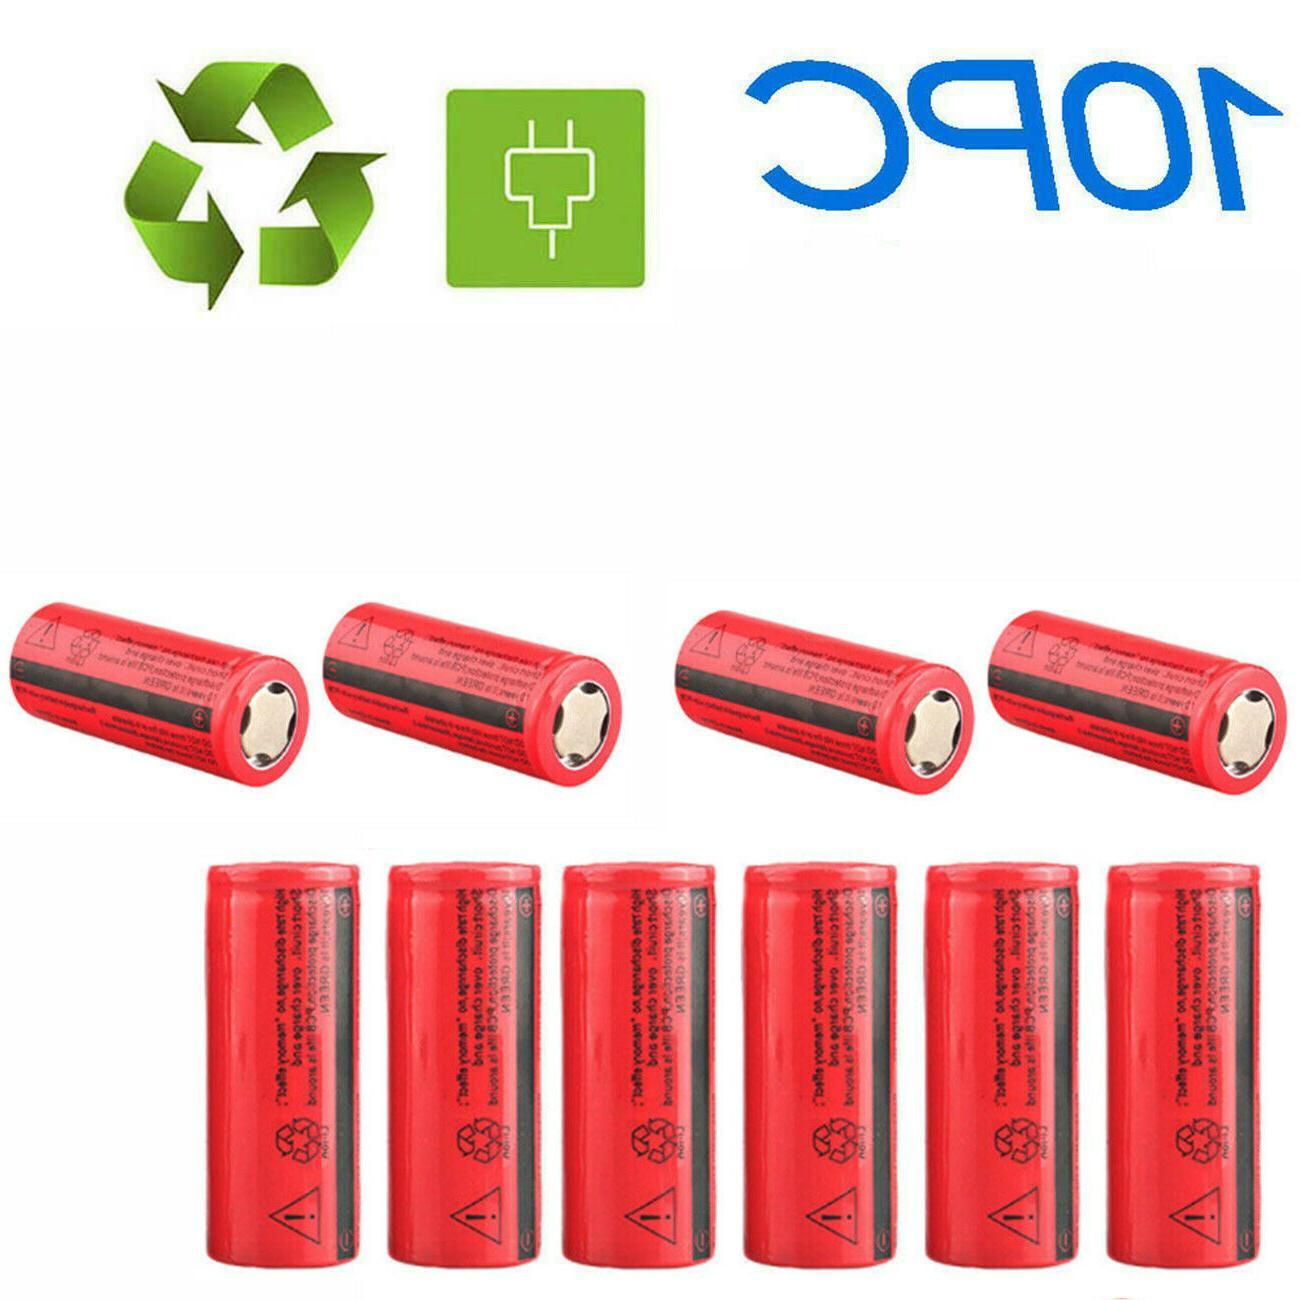 26650 3000mAh Flat Li-ion Batteries Torch